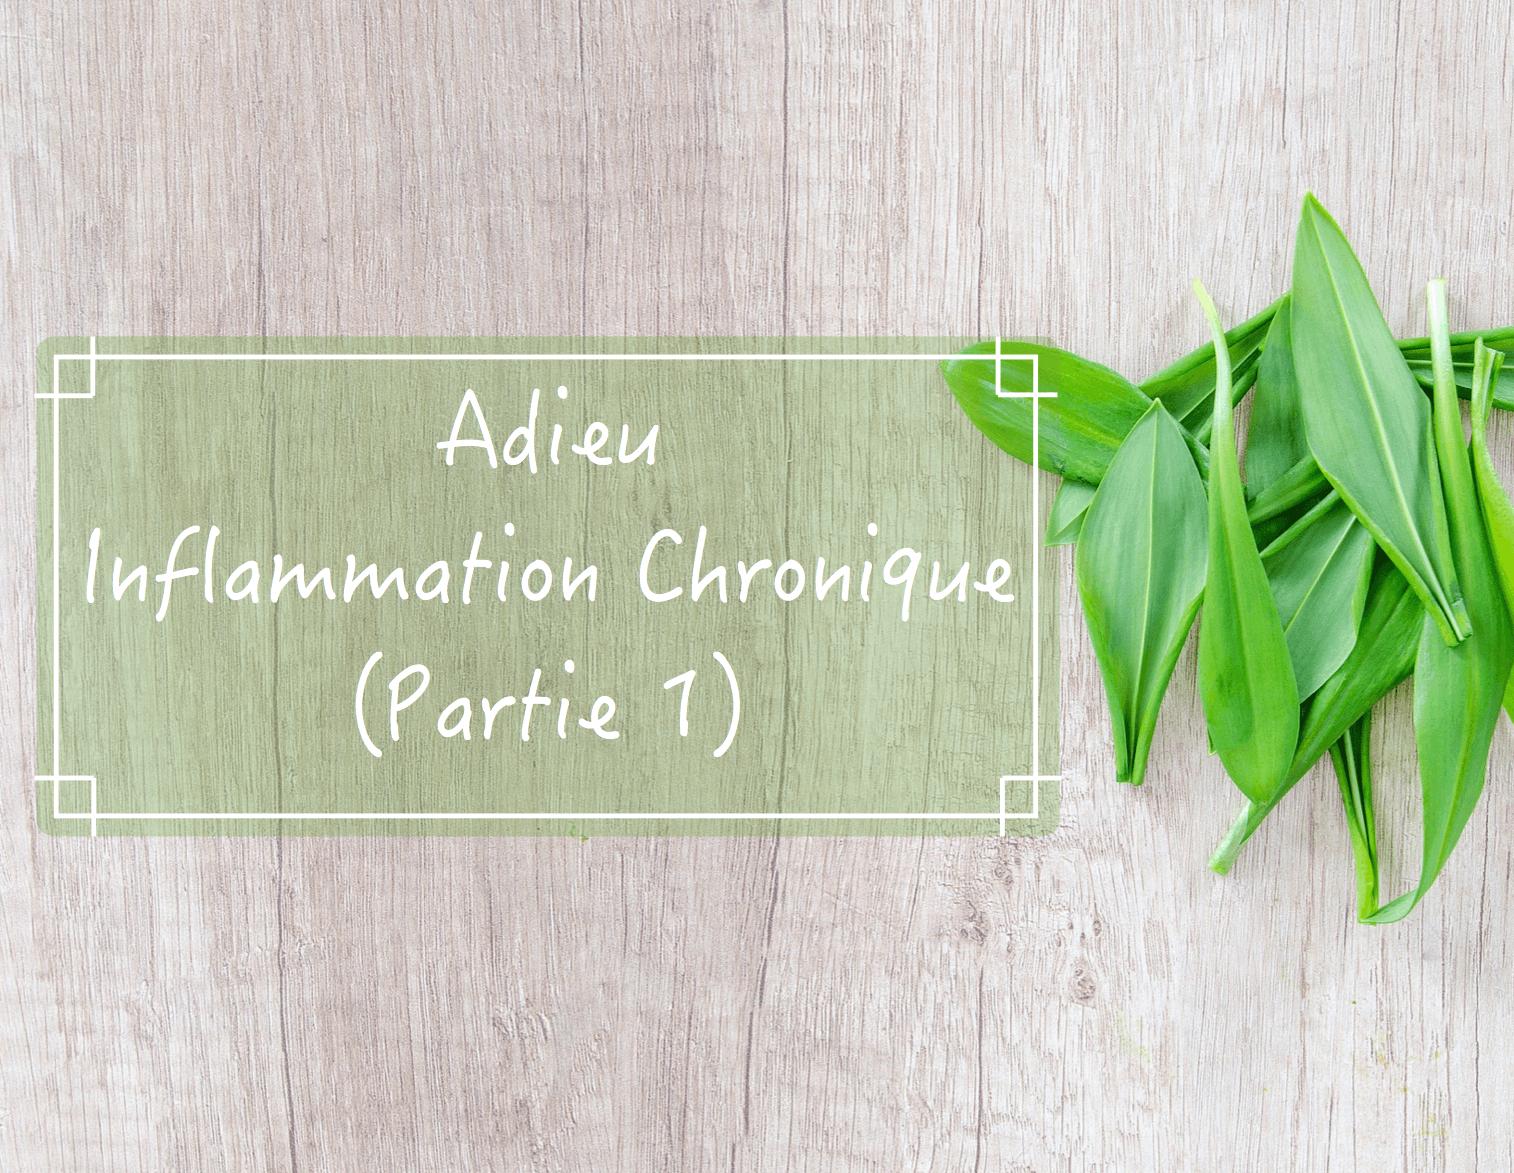 Adieu Inflammation chronique (partie 1)